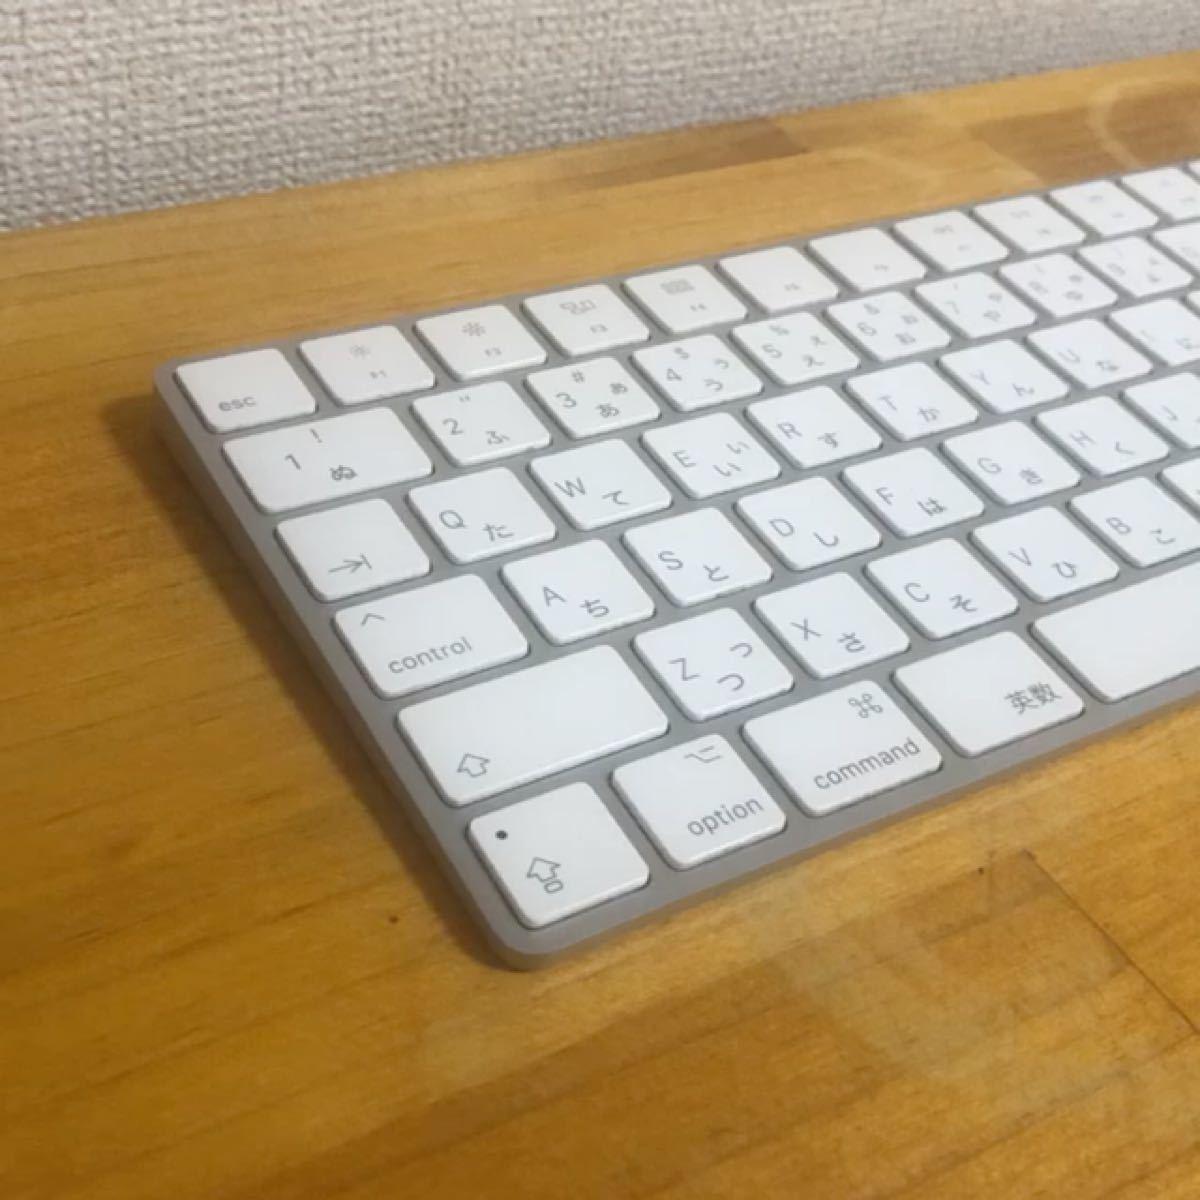 【美品/動作OK/送料無料】Apple Wireless Magic Keyboard 2 日本語配列 マジックキーボード